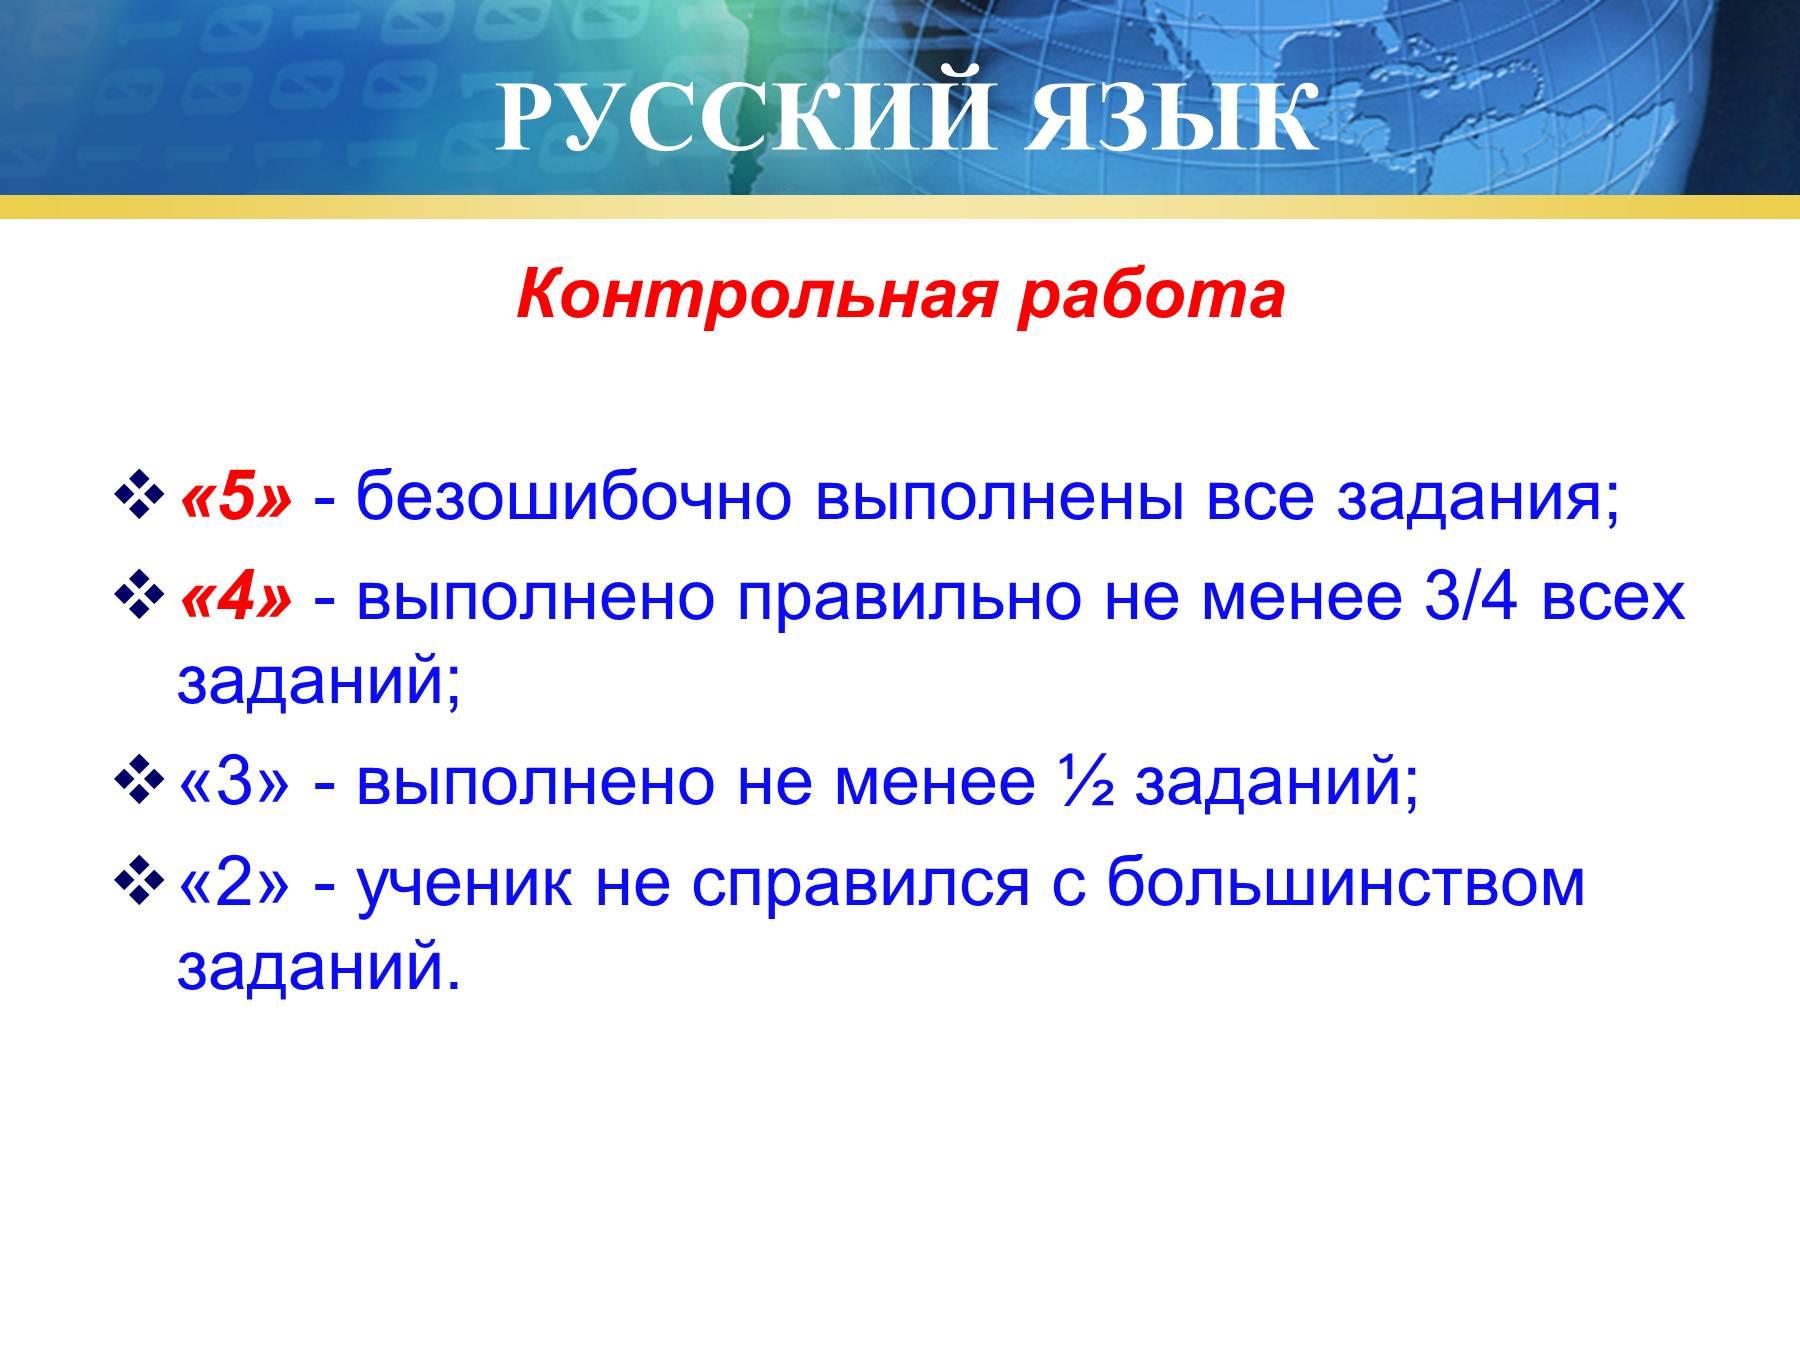 Анализ контрольных работ по математике и русскому Как сделать анализ контрольной работы по фгос